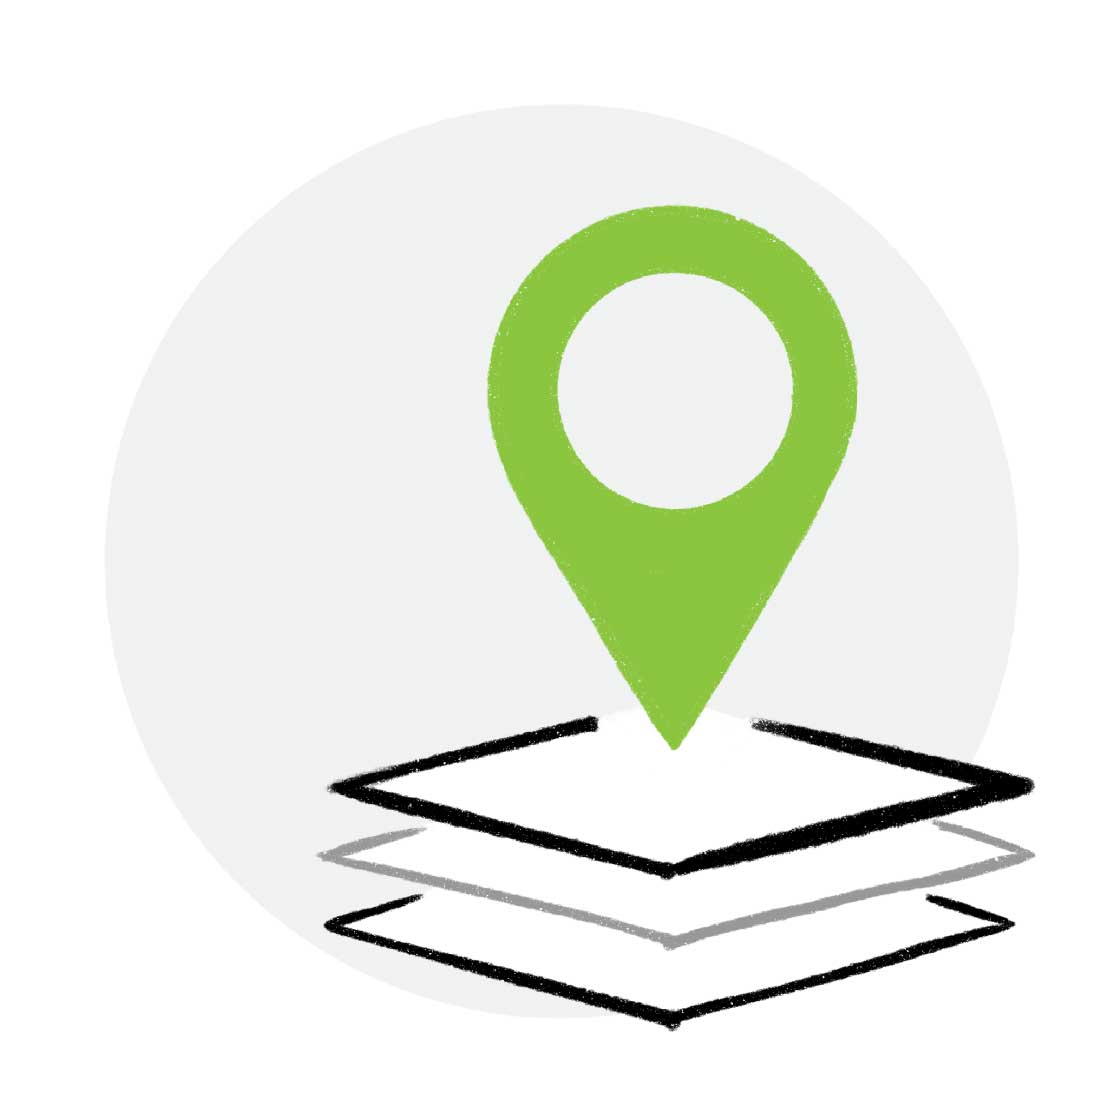 Soluzioni MAPS & GIS, per la gestione dei servizi geolocalizzati